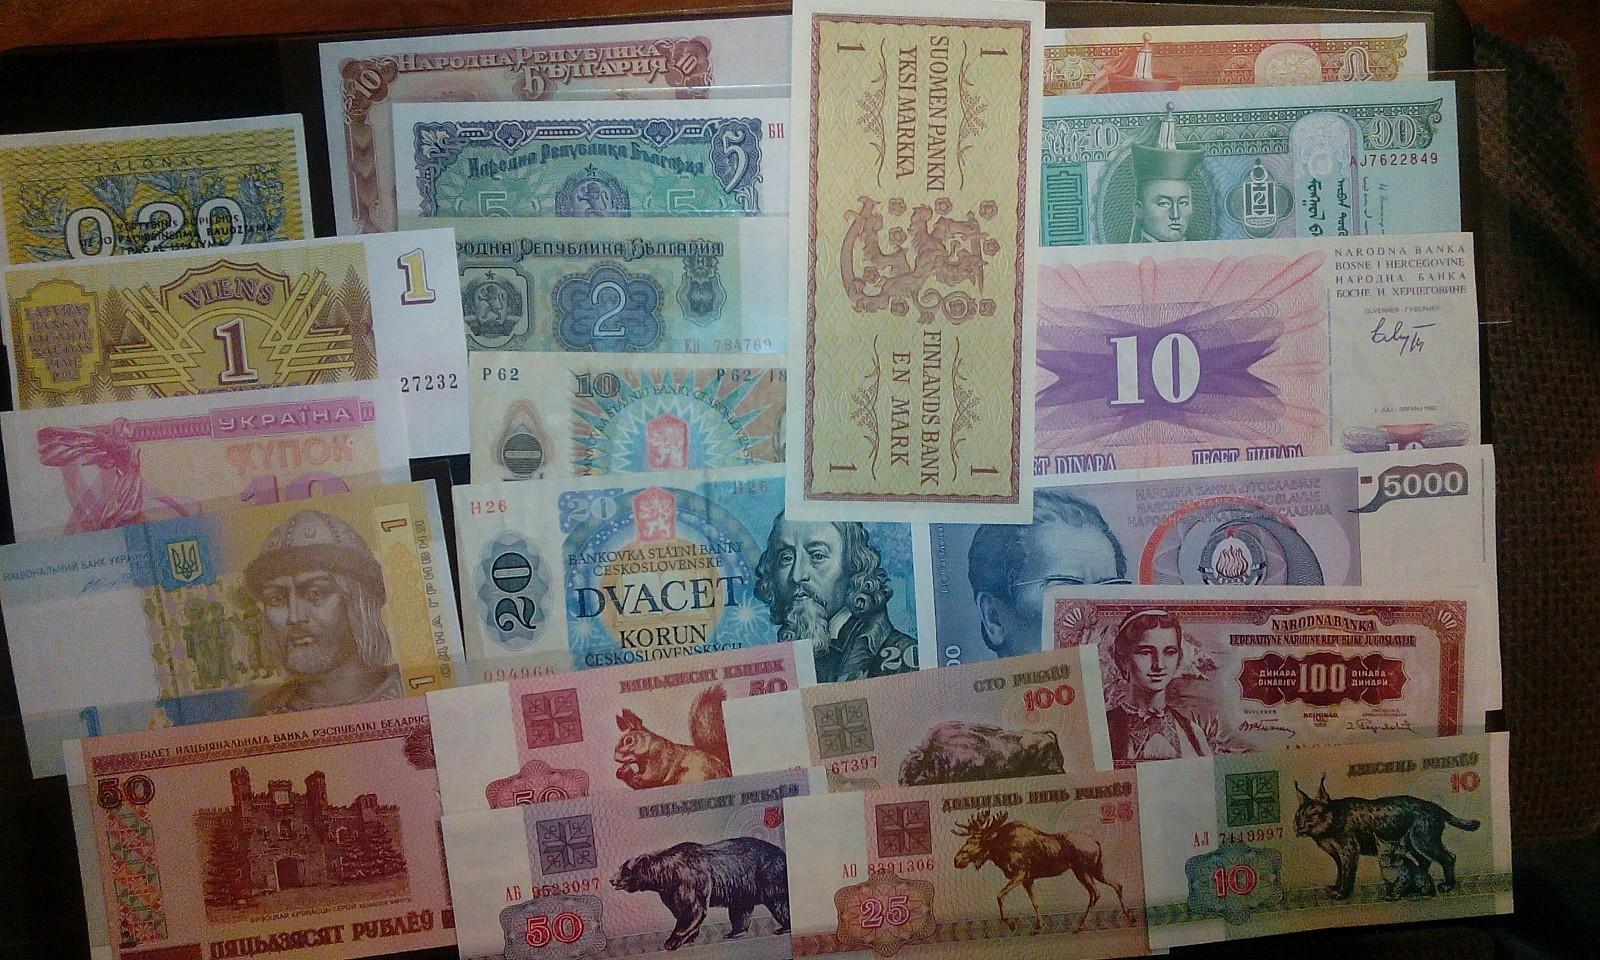 22 stk sedler selges. - Lovund  - 22 stk sedler fra bl.a. Hviterussland, Tjekoslovakia, Bulgaria, Jugoslavia mm. Selges kr. 150,- Sedlene er stor sett UNC. Kjøper betaler frakt. - Lovund